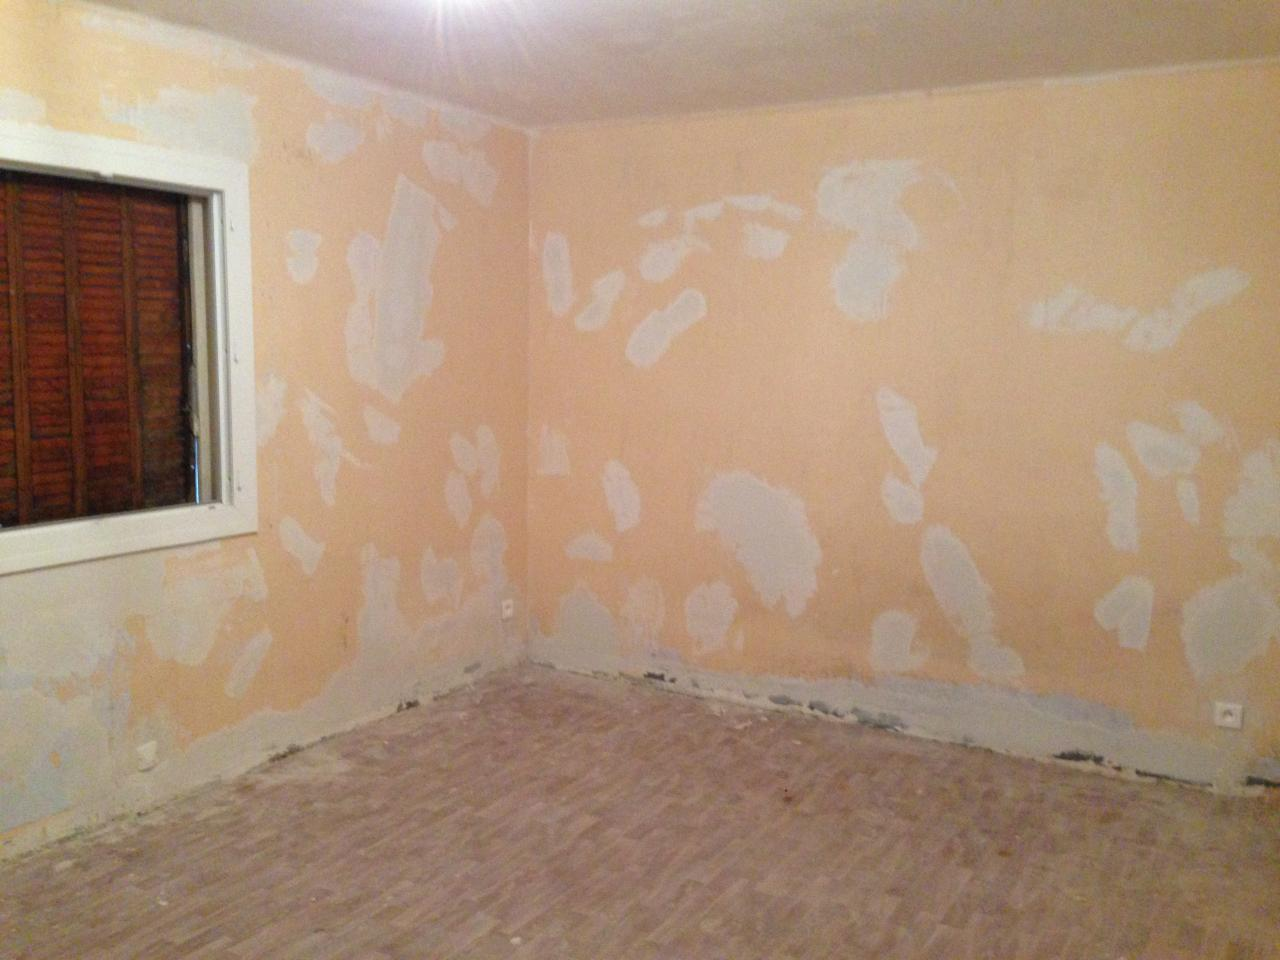 Reprise bas murs, rebouchage murs et plafond...